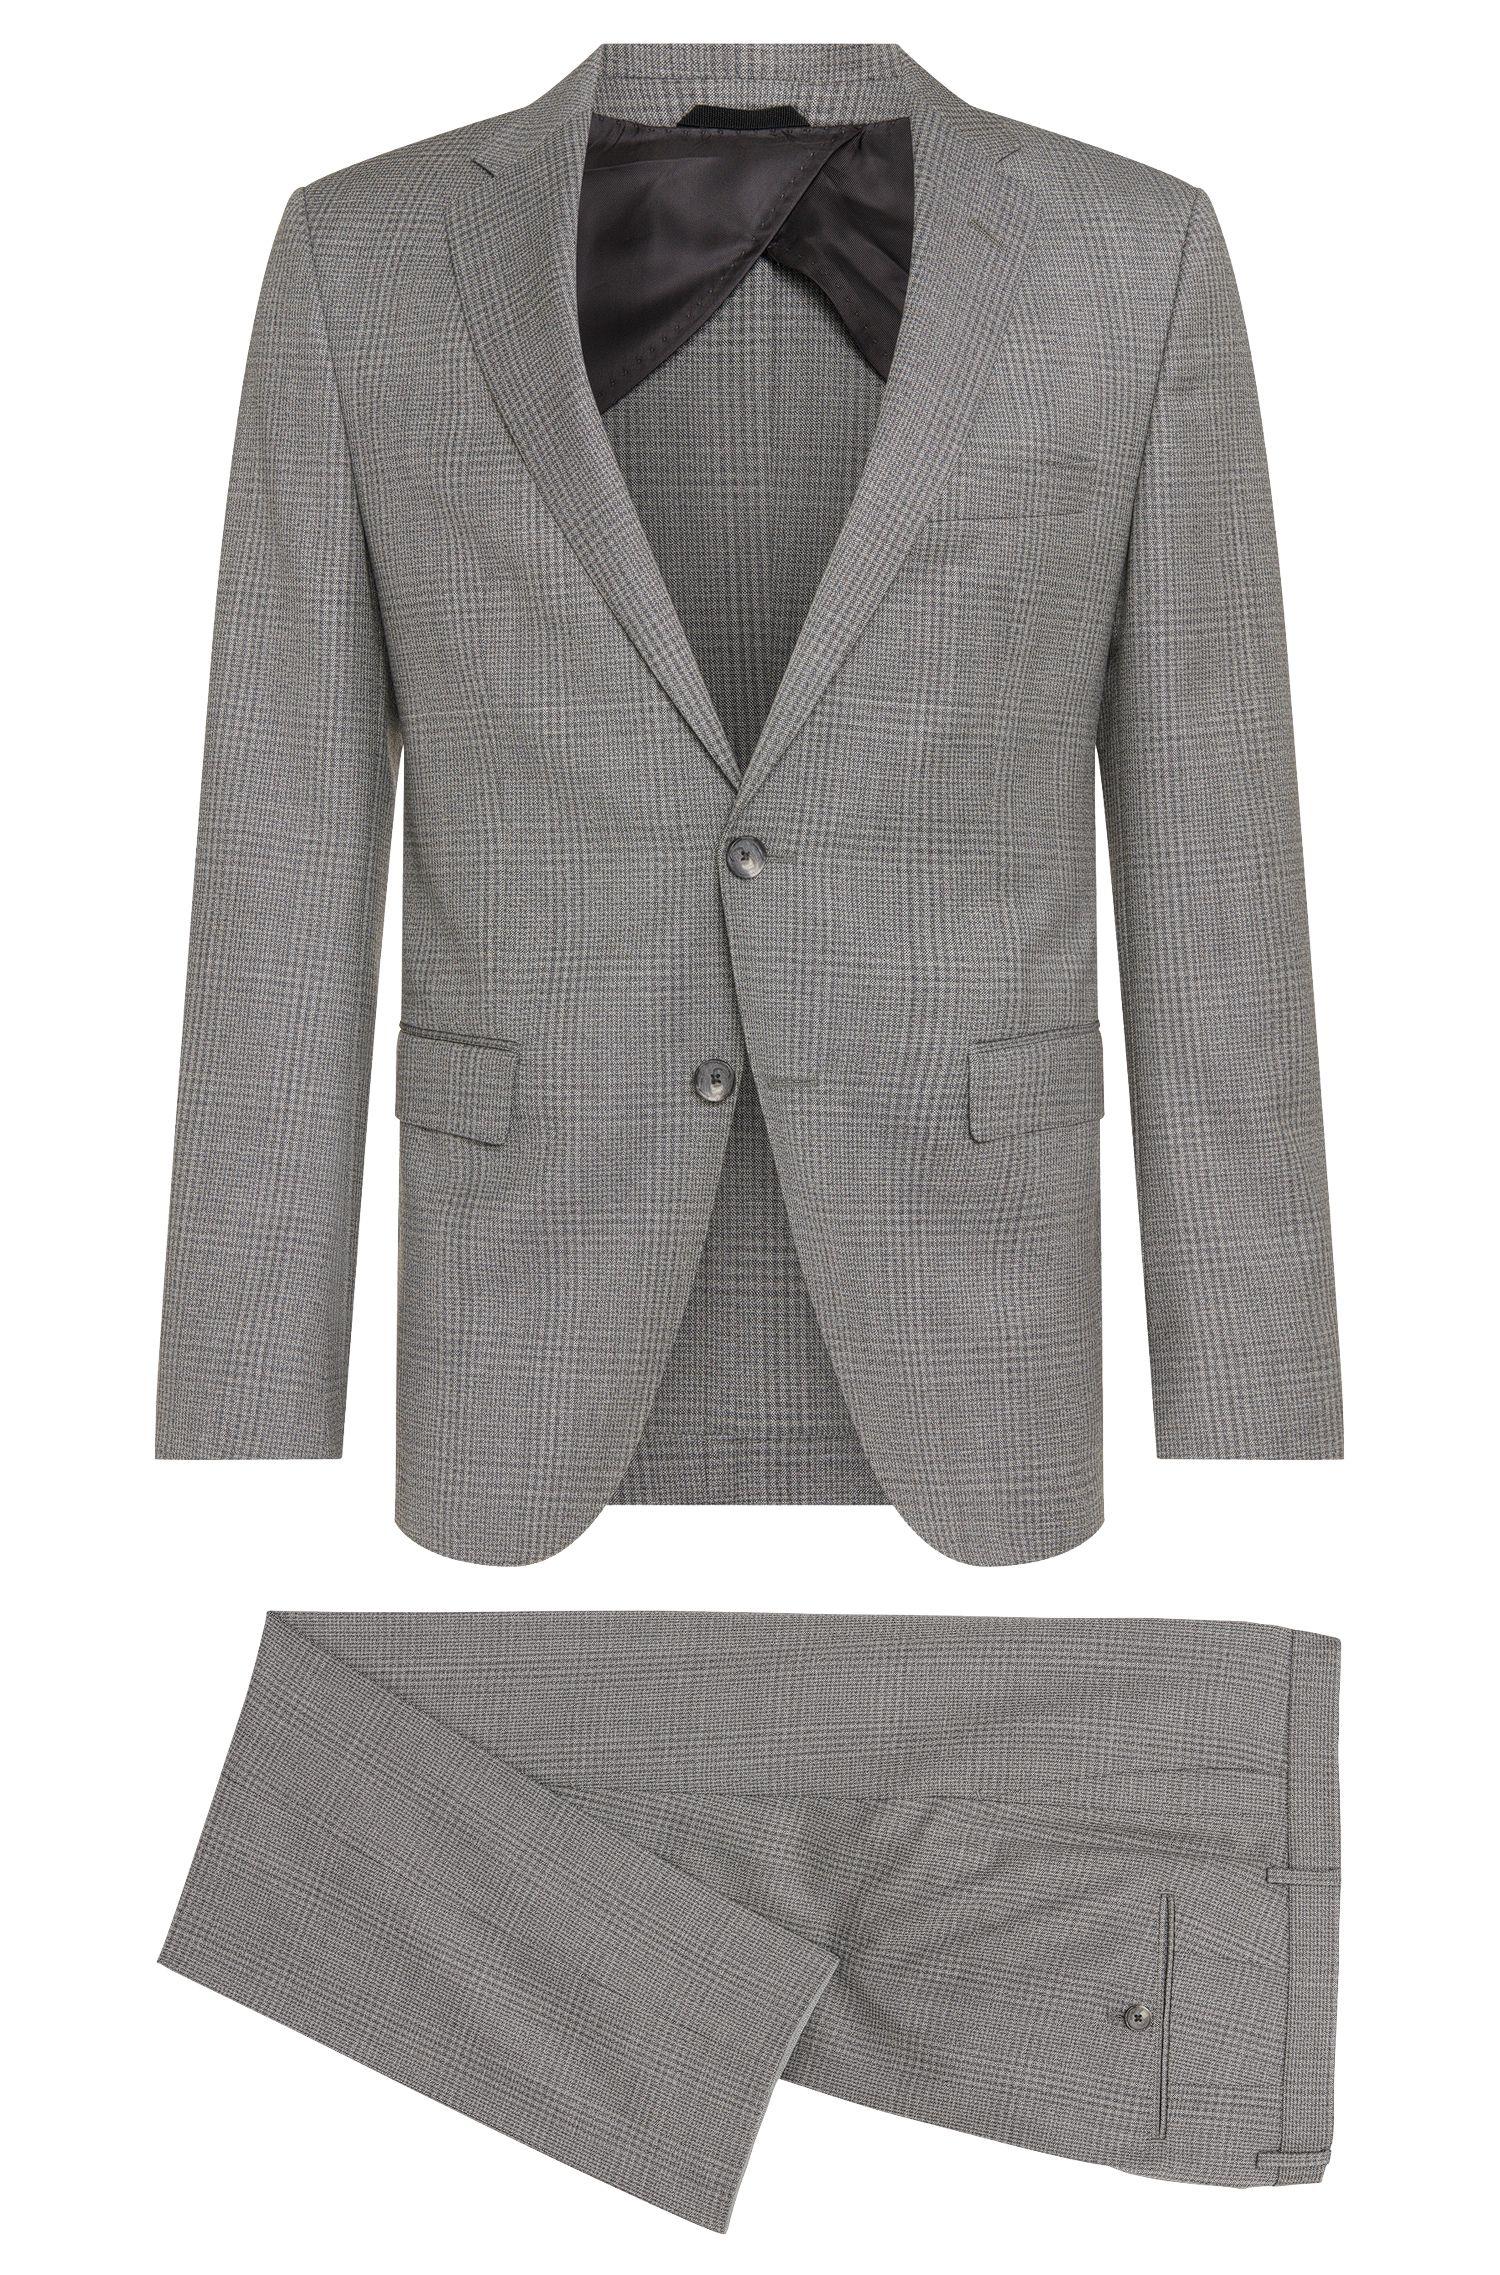 Glen Plaid Virgin Wool Plaid Suit, Slim Fit | Nortan/Benno